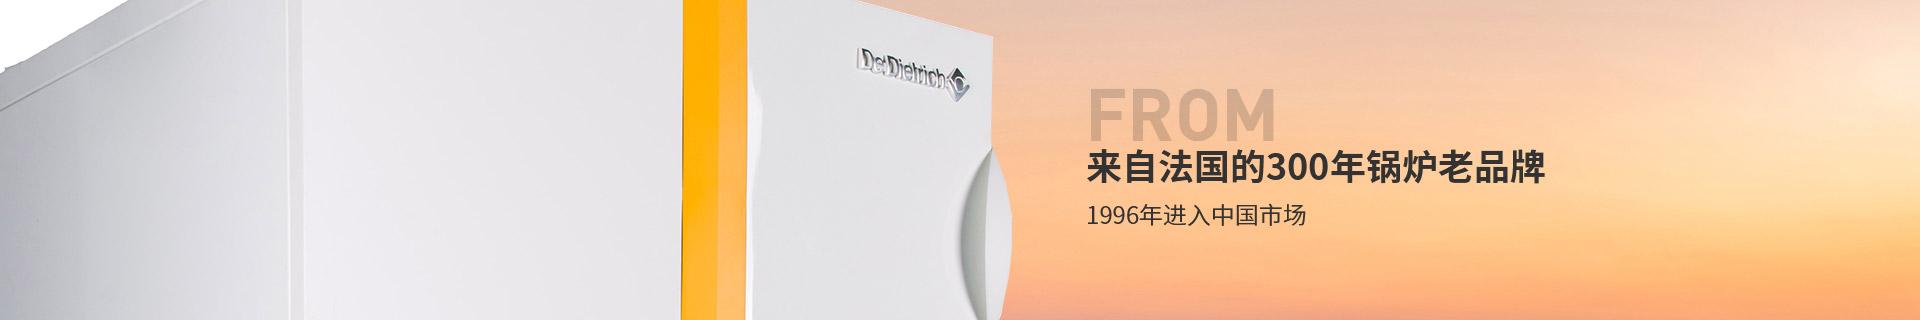 东方永捷德地氏锅炉来自法国300年锅炉老品牌